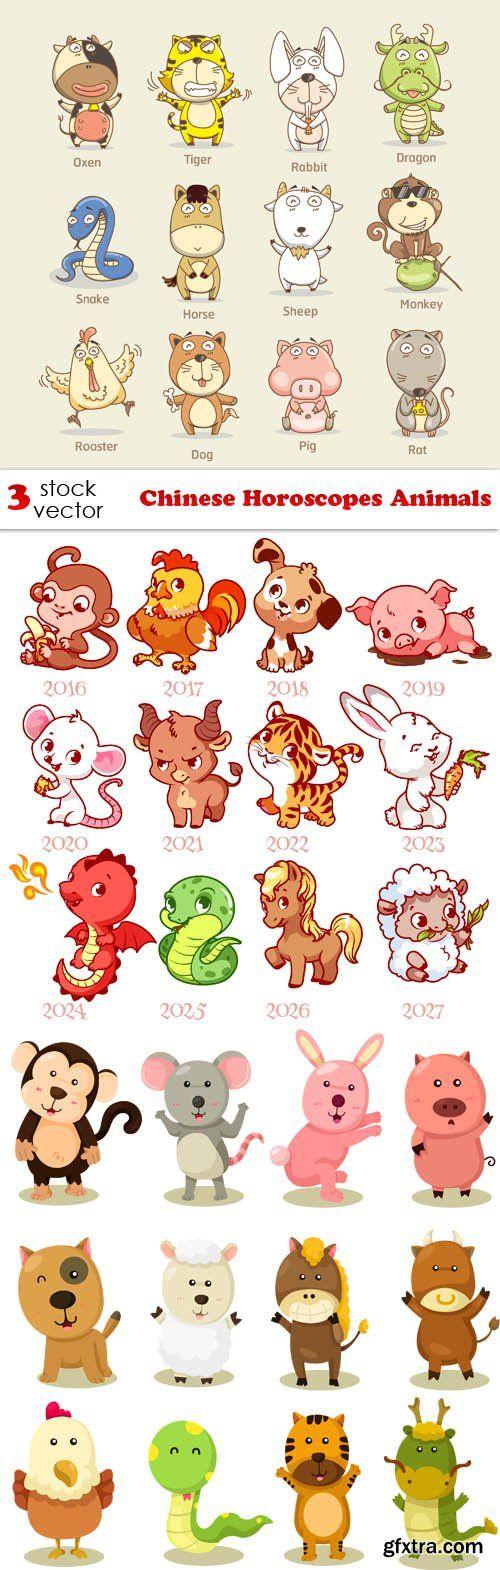 Vectors - Chinese Horoscopes Animals